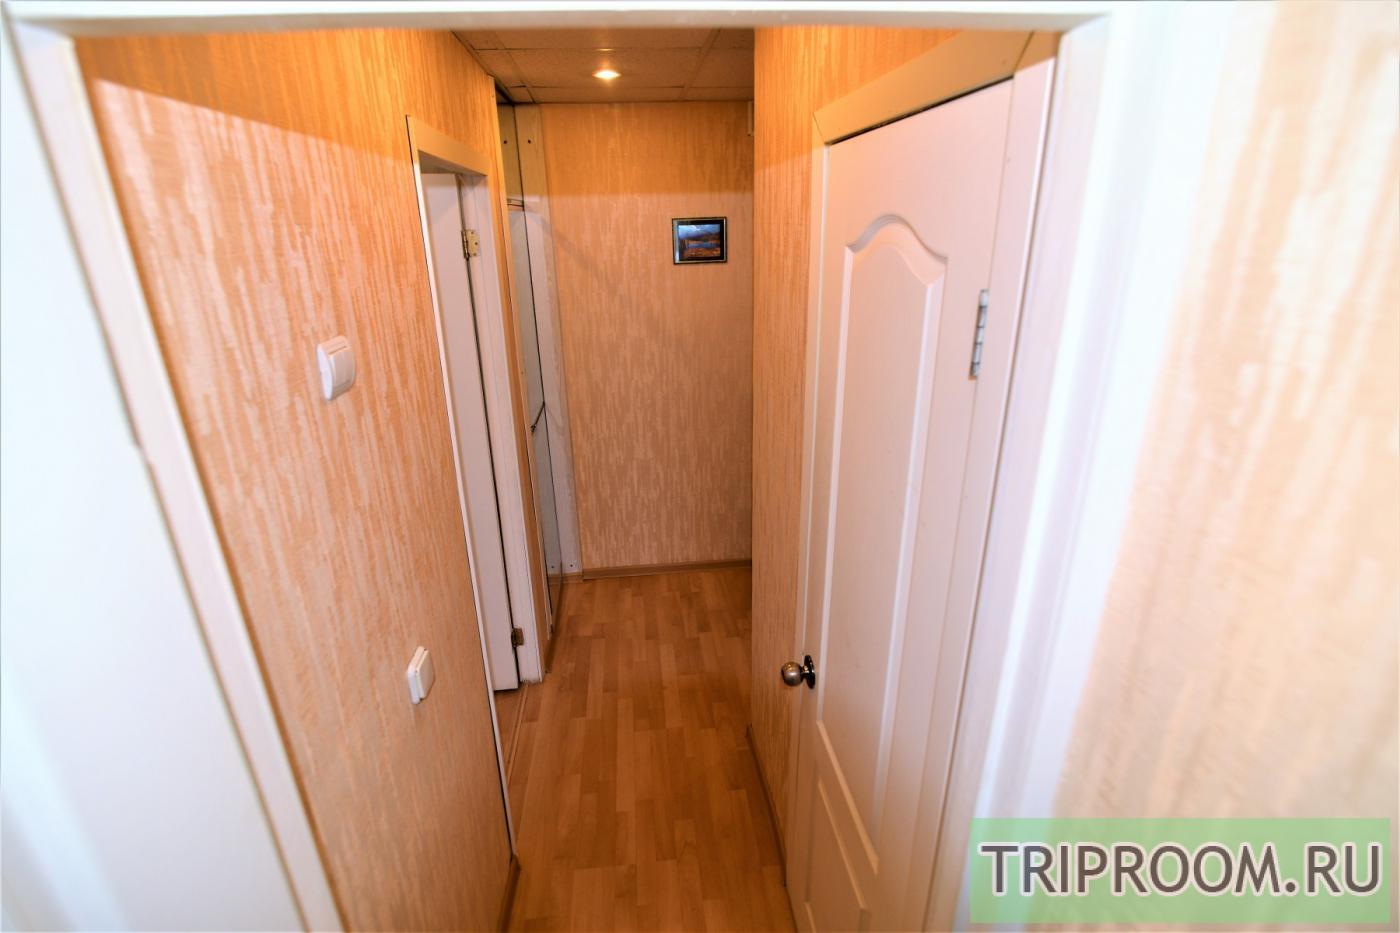 1-комнатная квартира посуточно (вариант № 2140), ул. Фридриха Энгельса улица, фото № 6